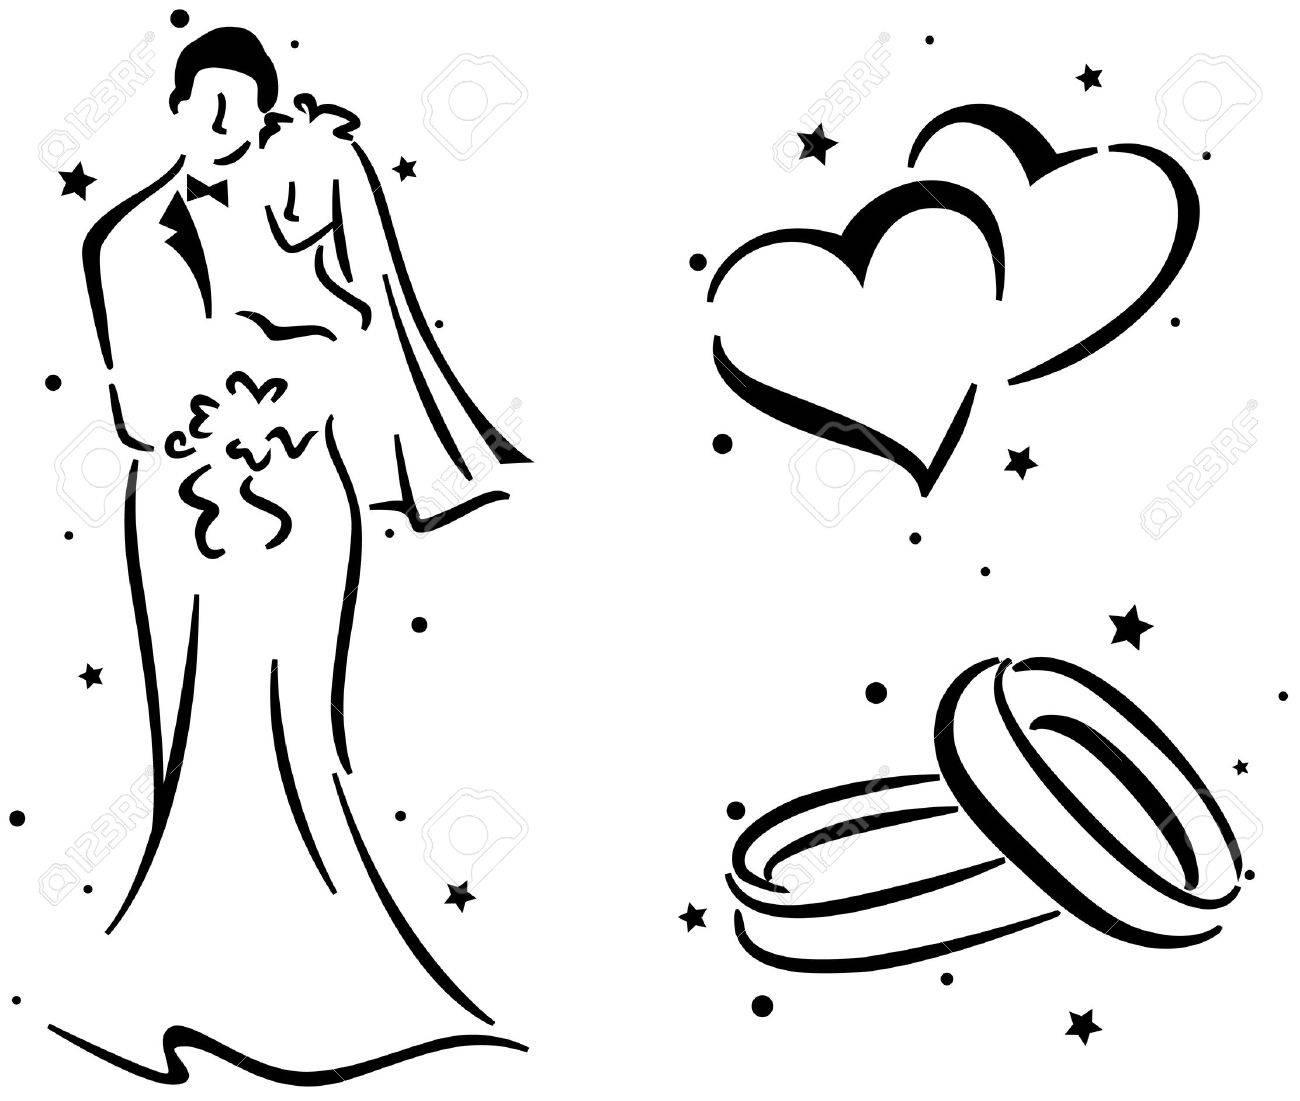 gran venta sitio oficial replicas Galería de símbolos de boda con una pareja, un par de anillos y un par de  corazones